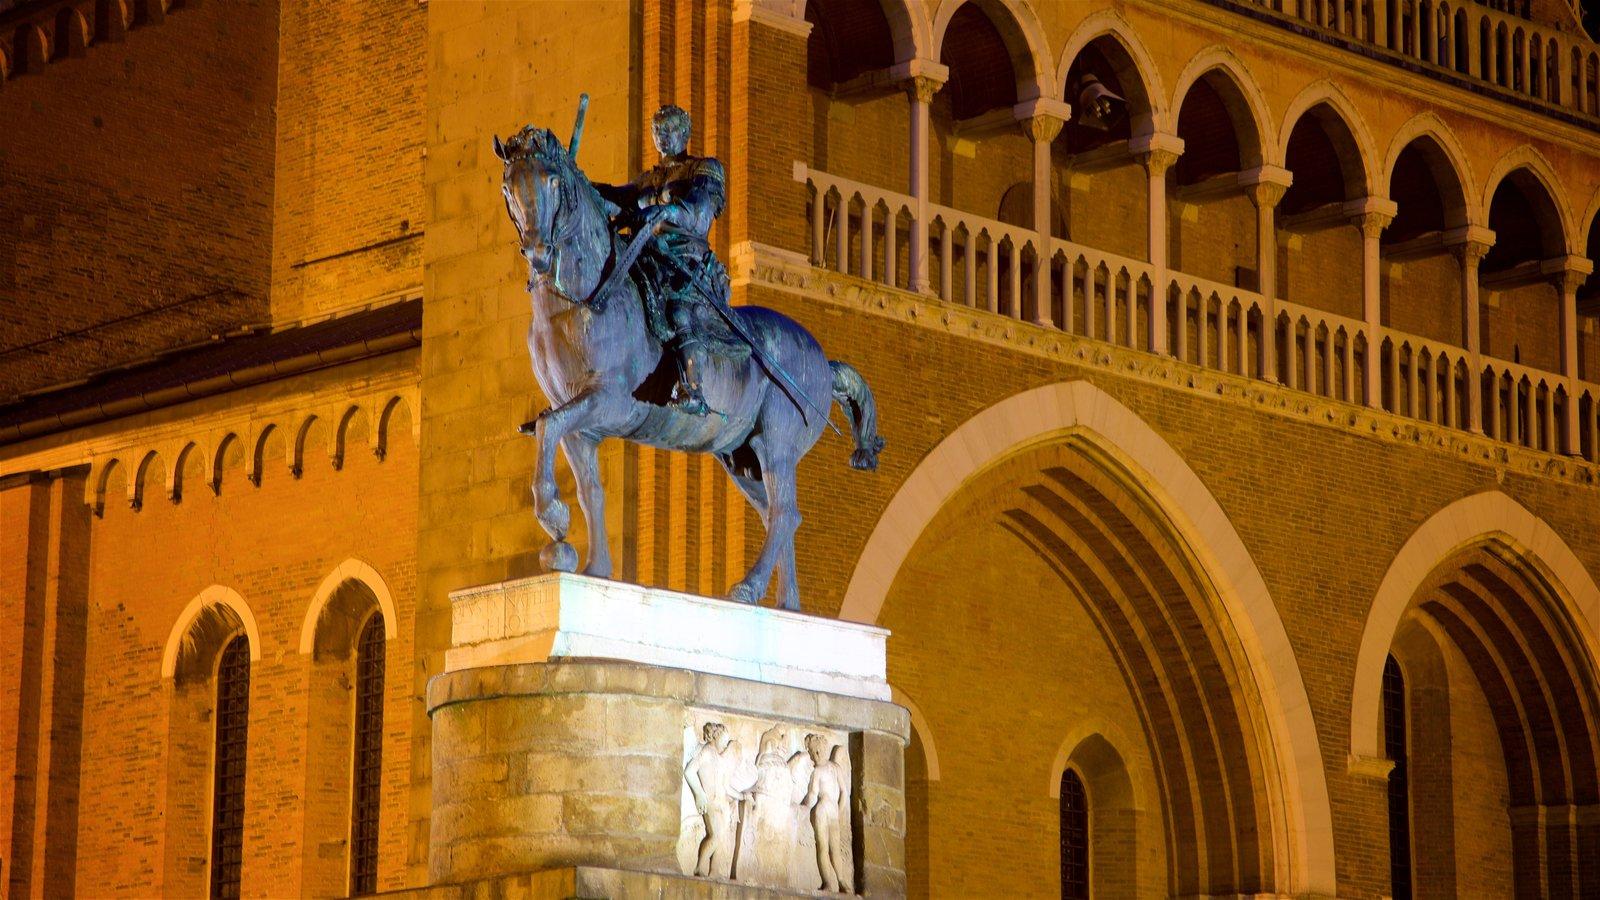 Basilica di Sant\'Antonio da Padova showing heritage elements, a statue or sculpture and night scenes